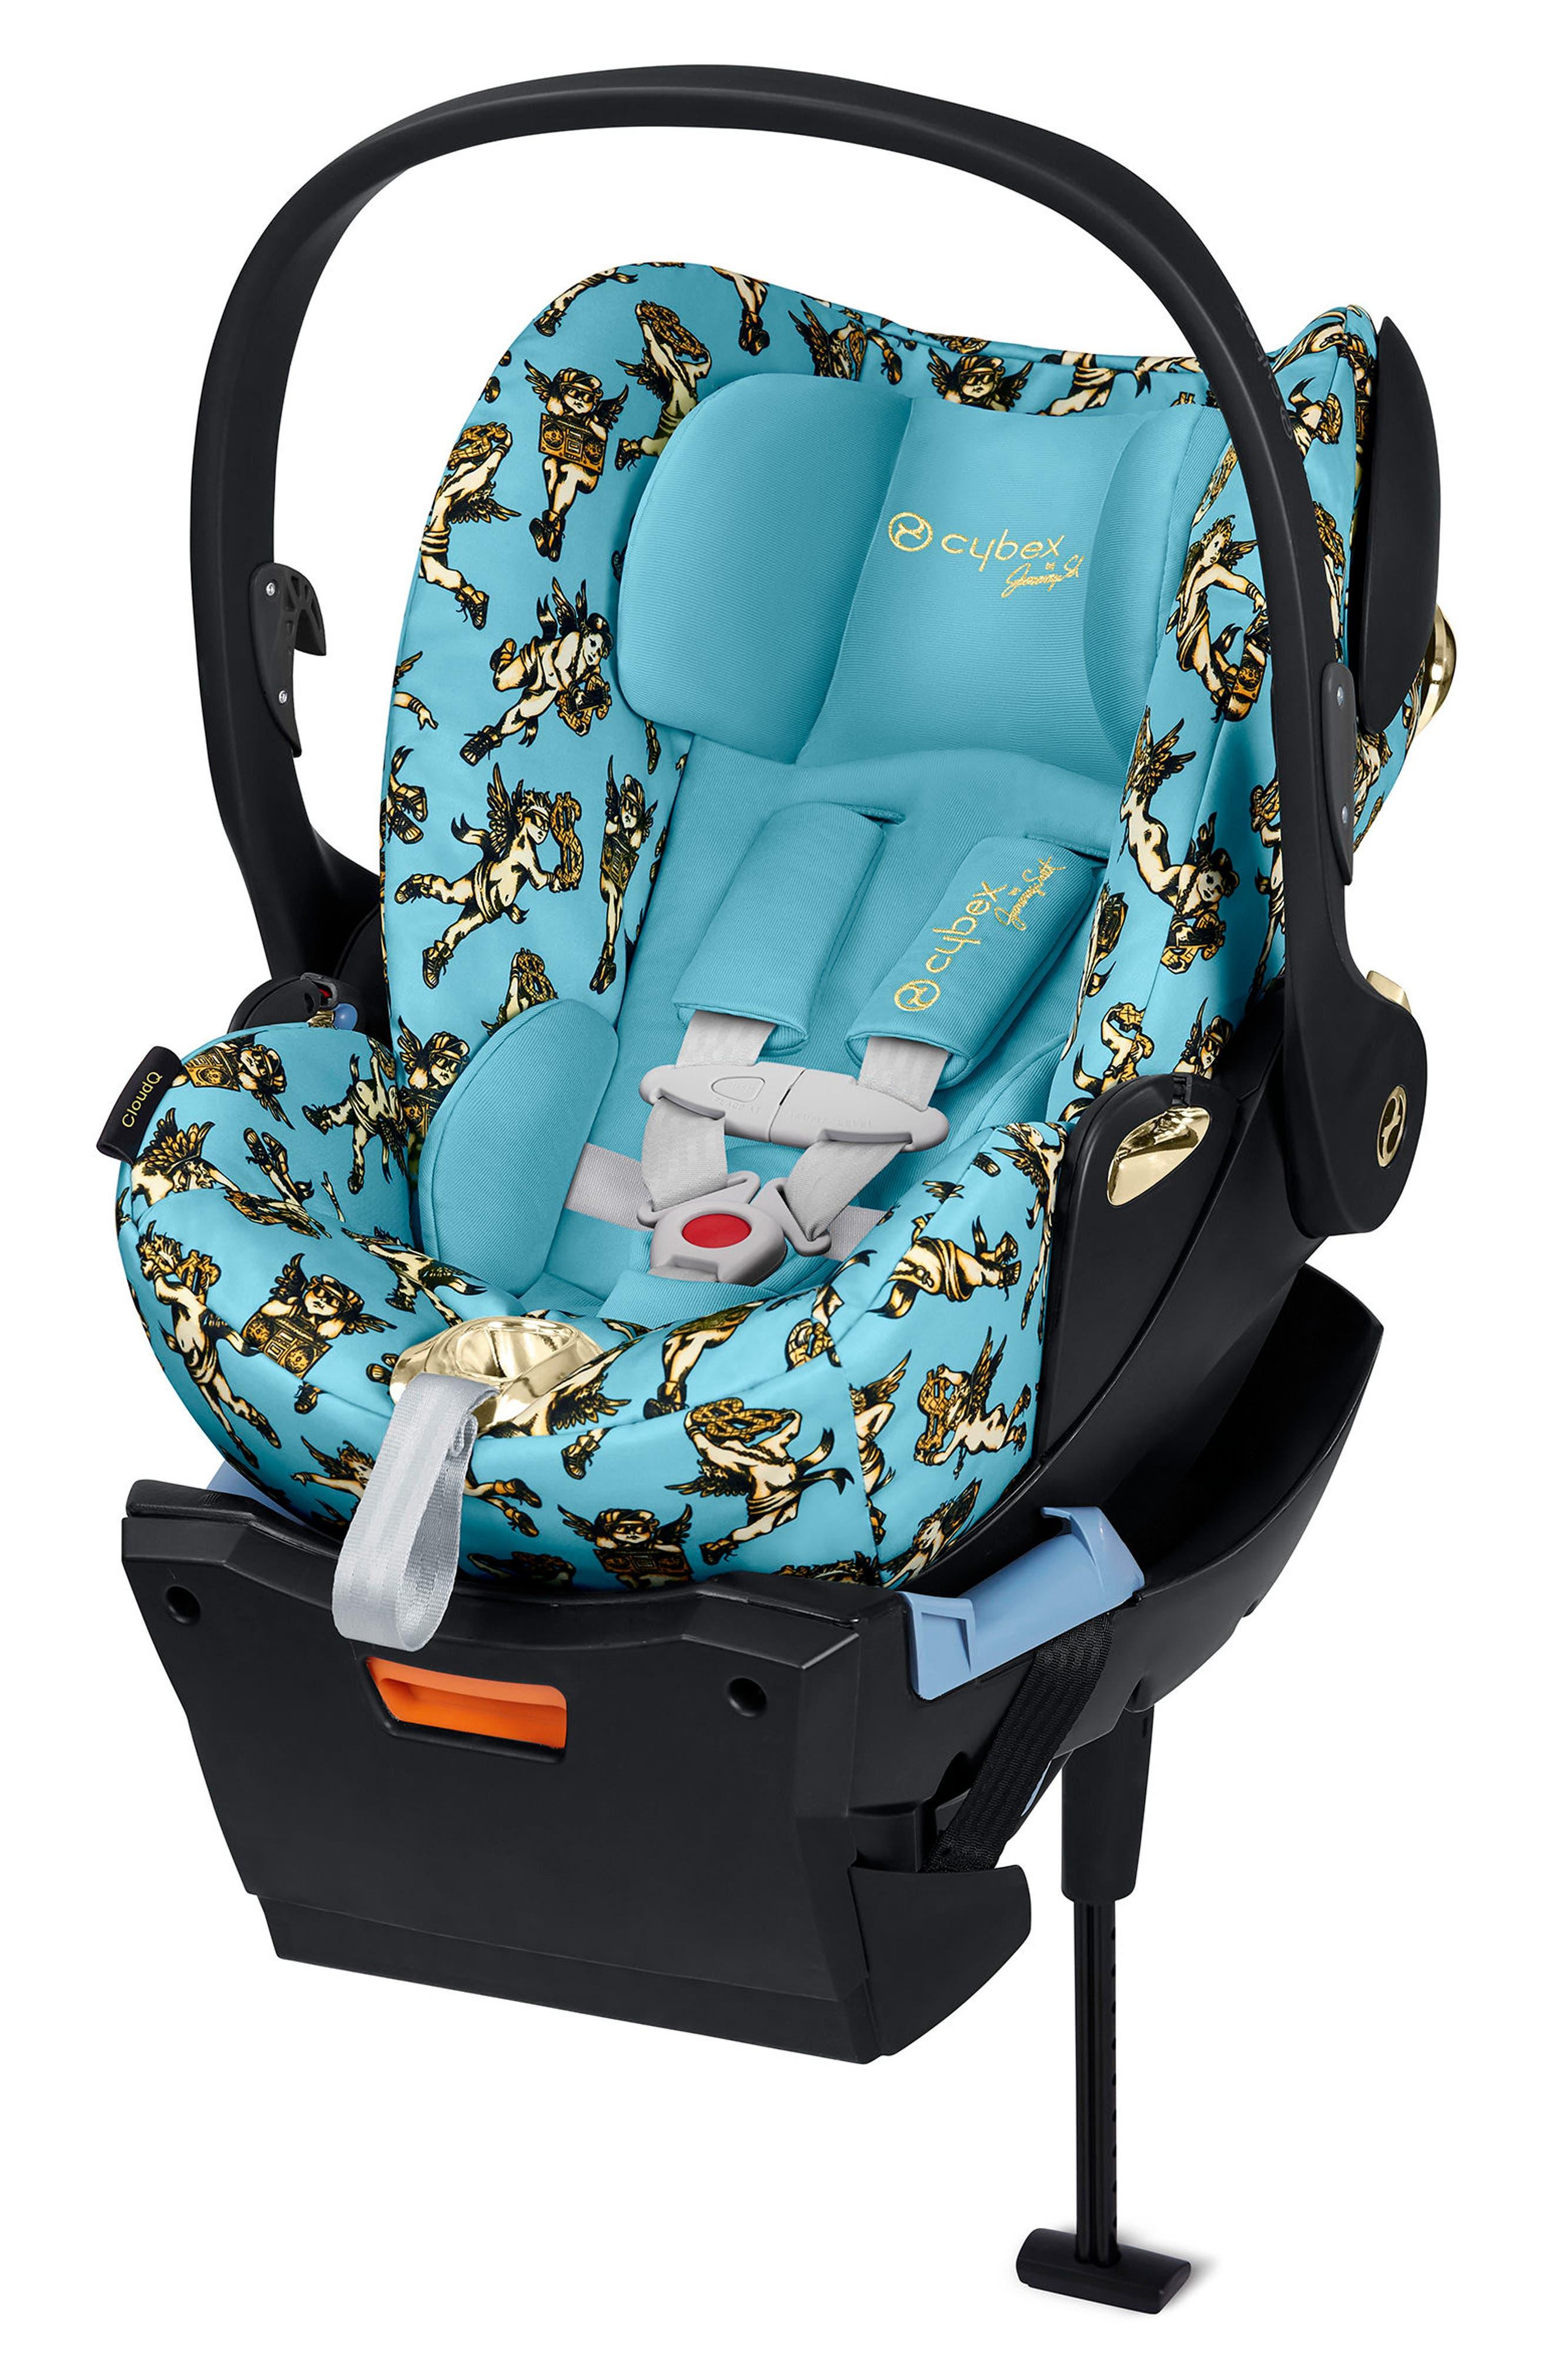 x Jeremy Scott Cherubs Cloud Q Infant Car Seat & Base,                             Main thumbnail 1, color,                             BLUE